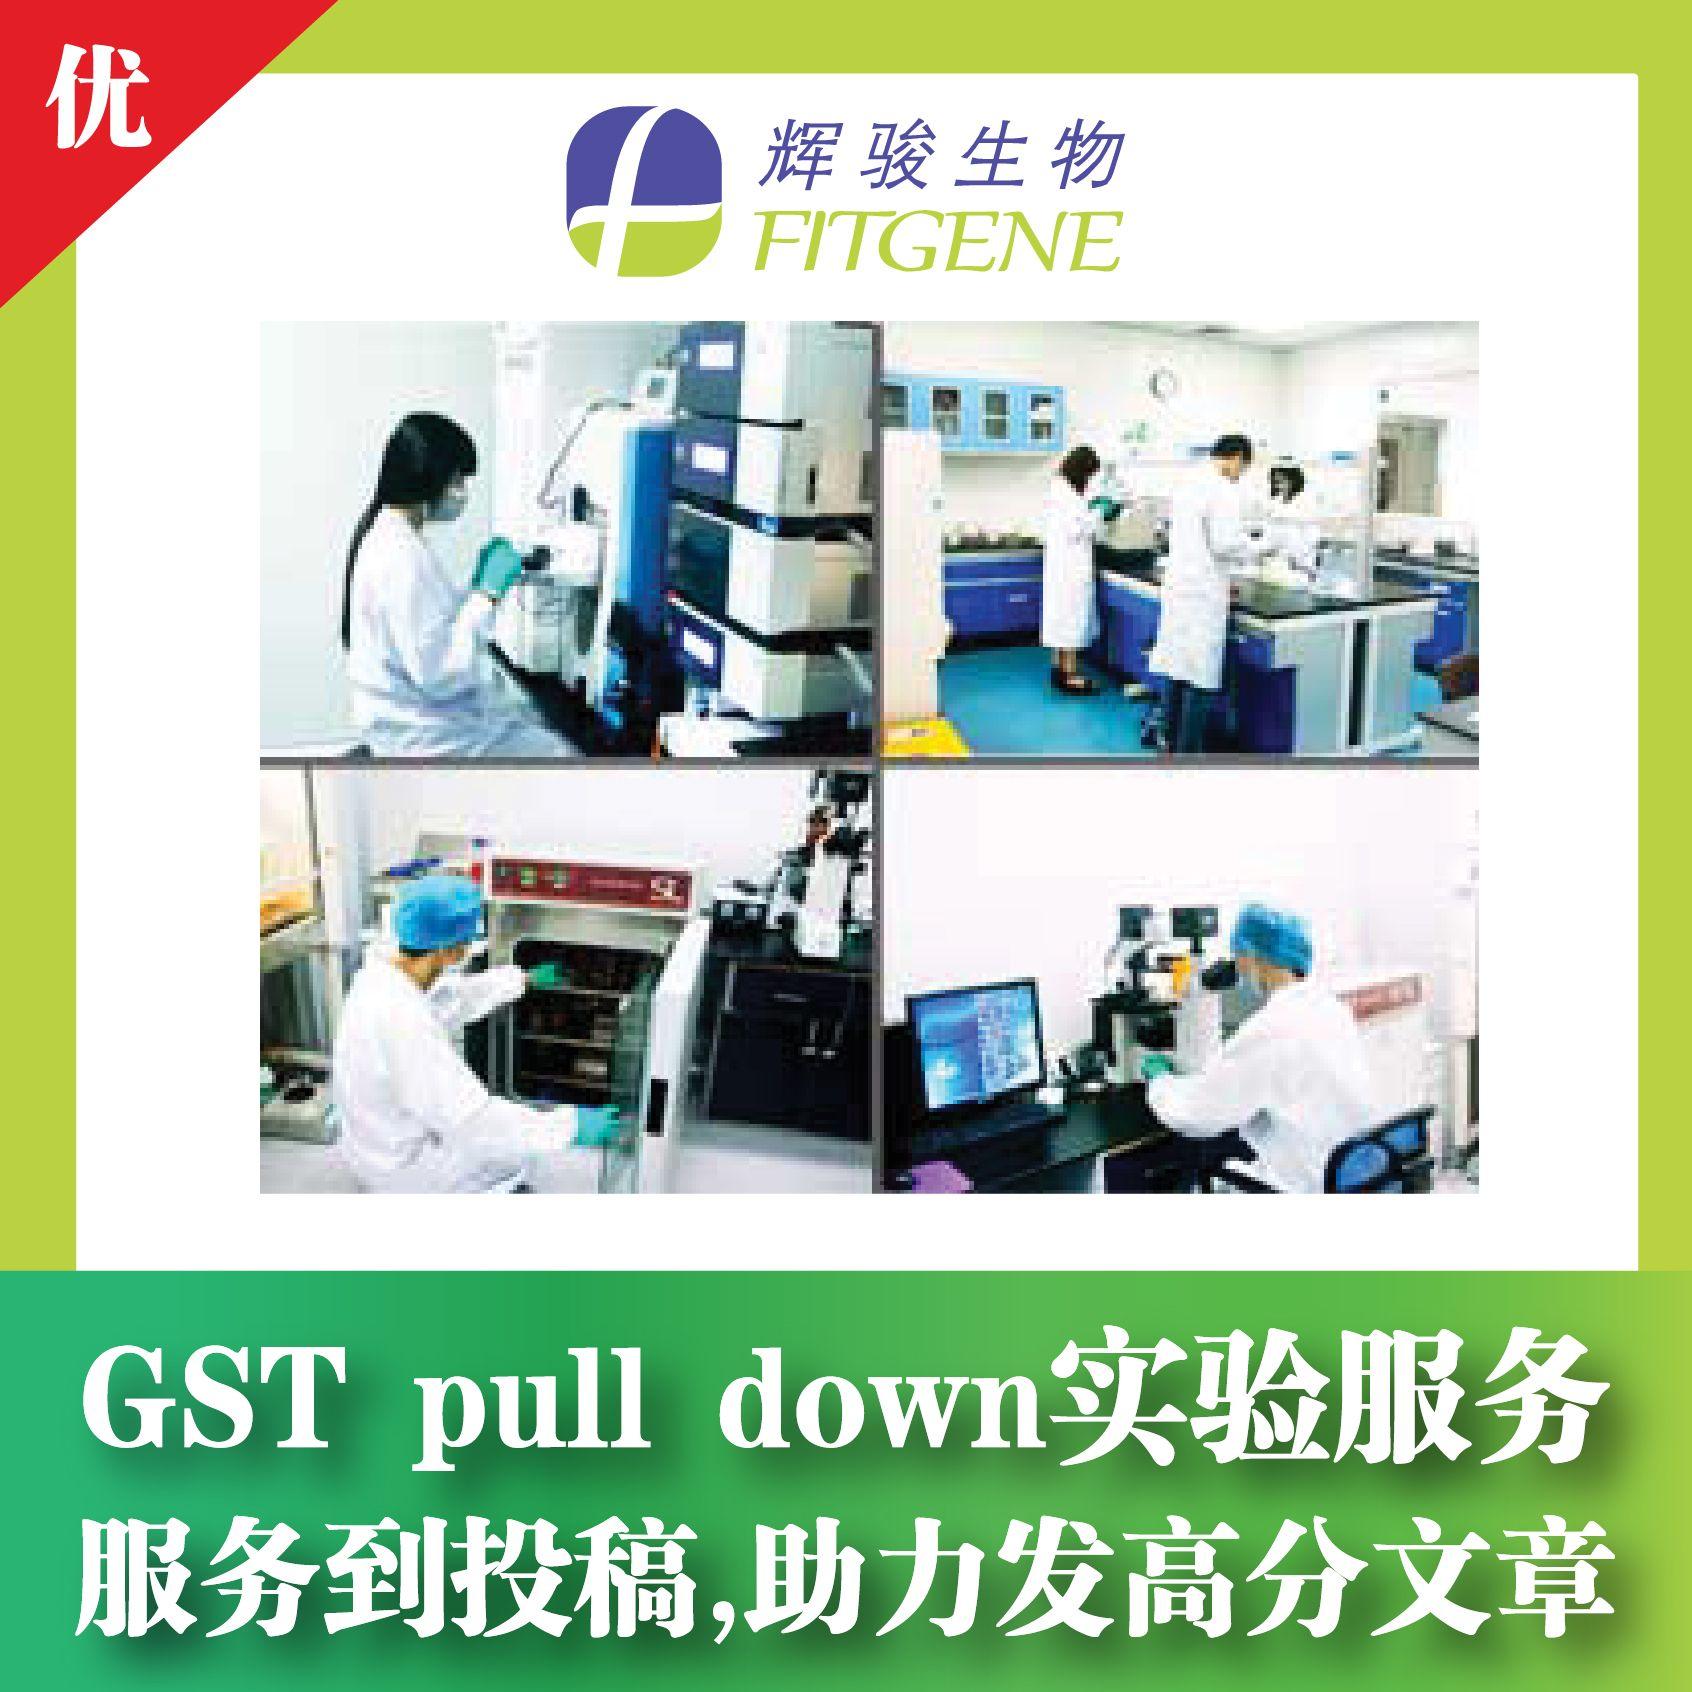 GST pulldown实验服务选辉骏—服务到投稿 / 经验丰富 / 价格低